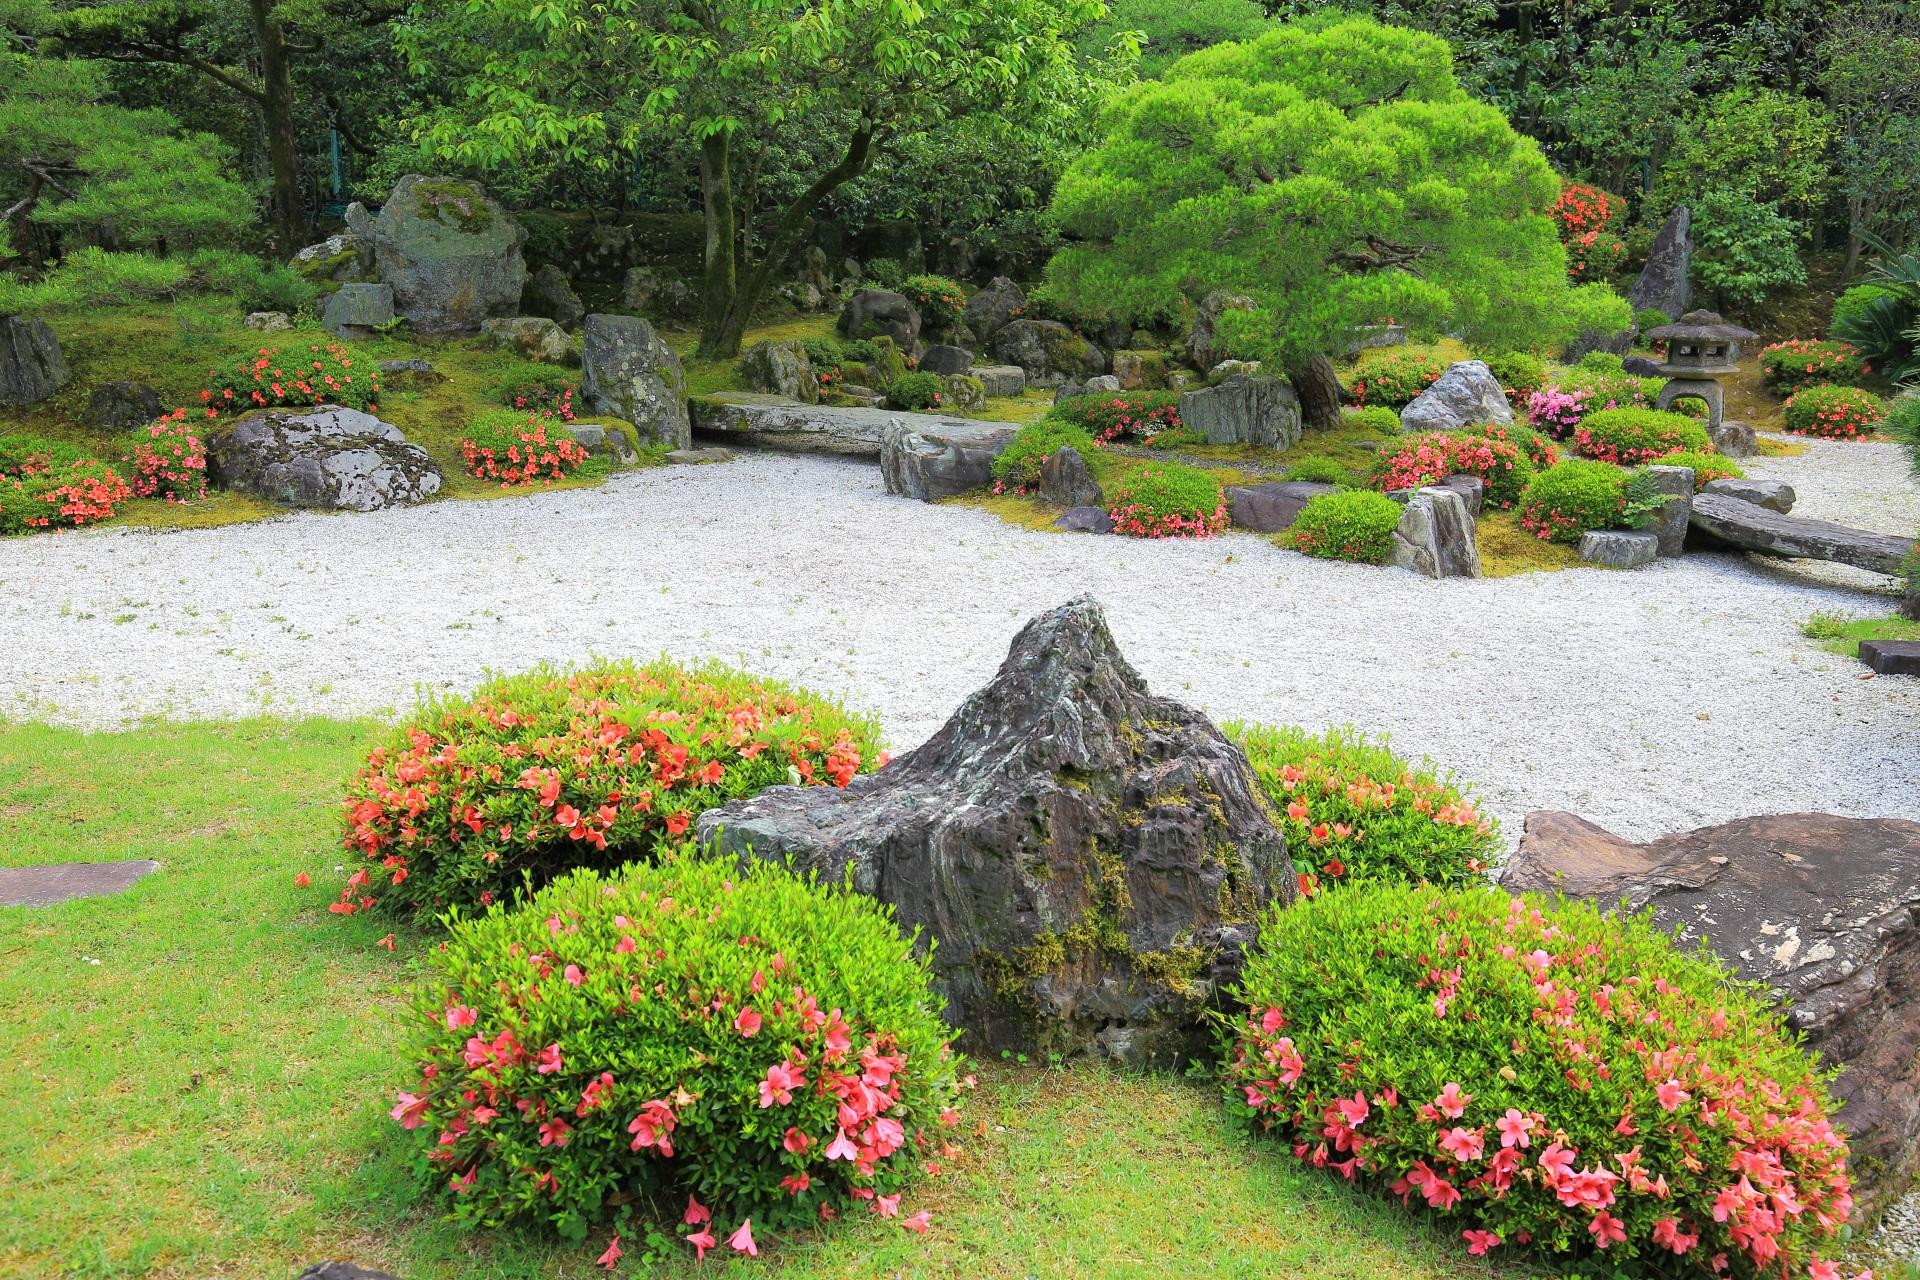 友禅苑の素晴らしいサツキと春の情景